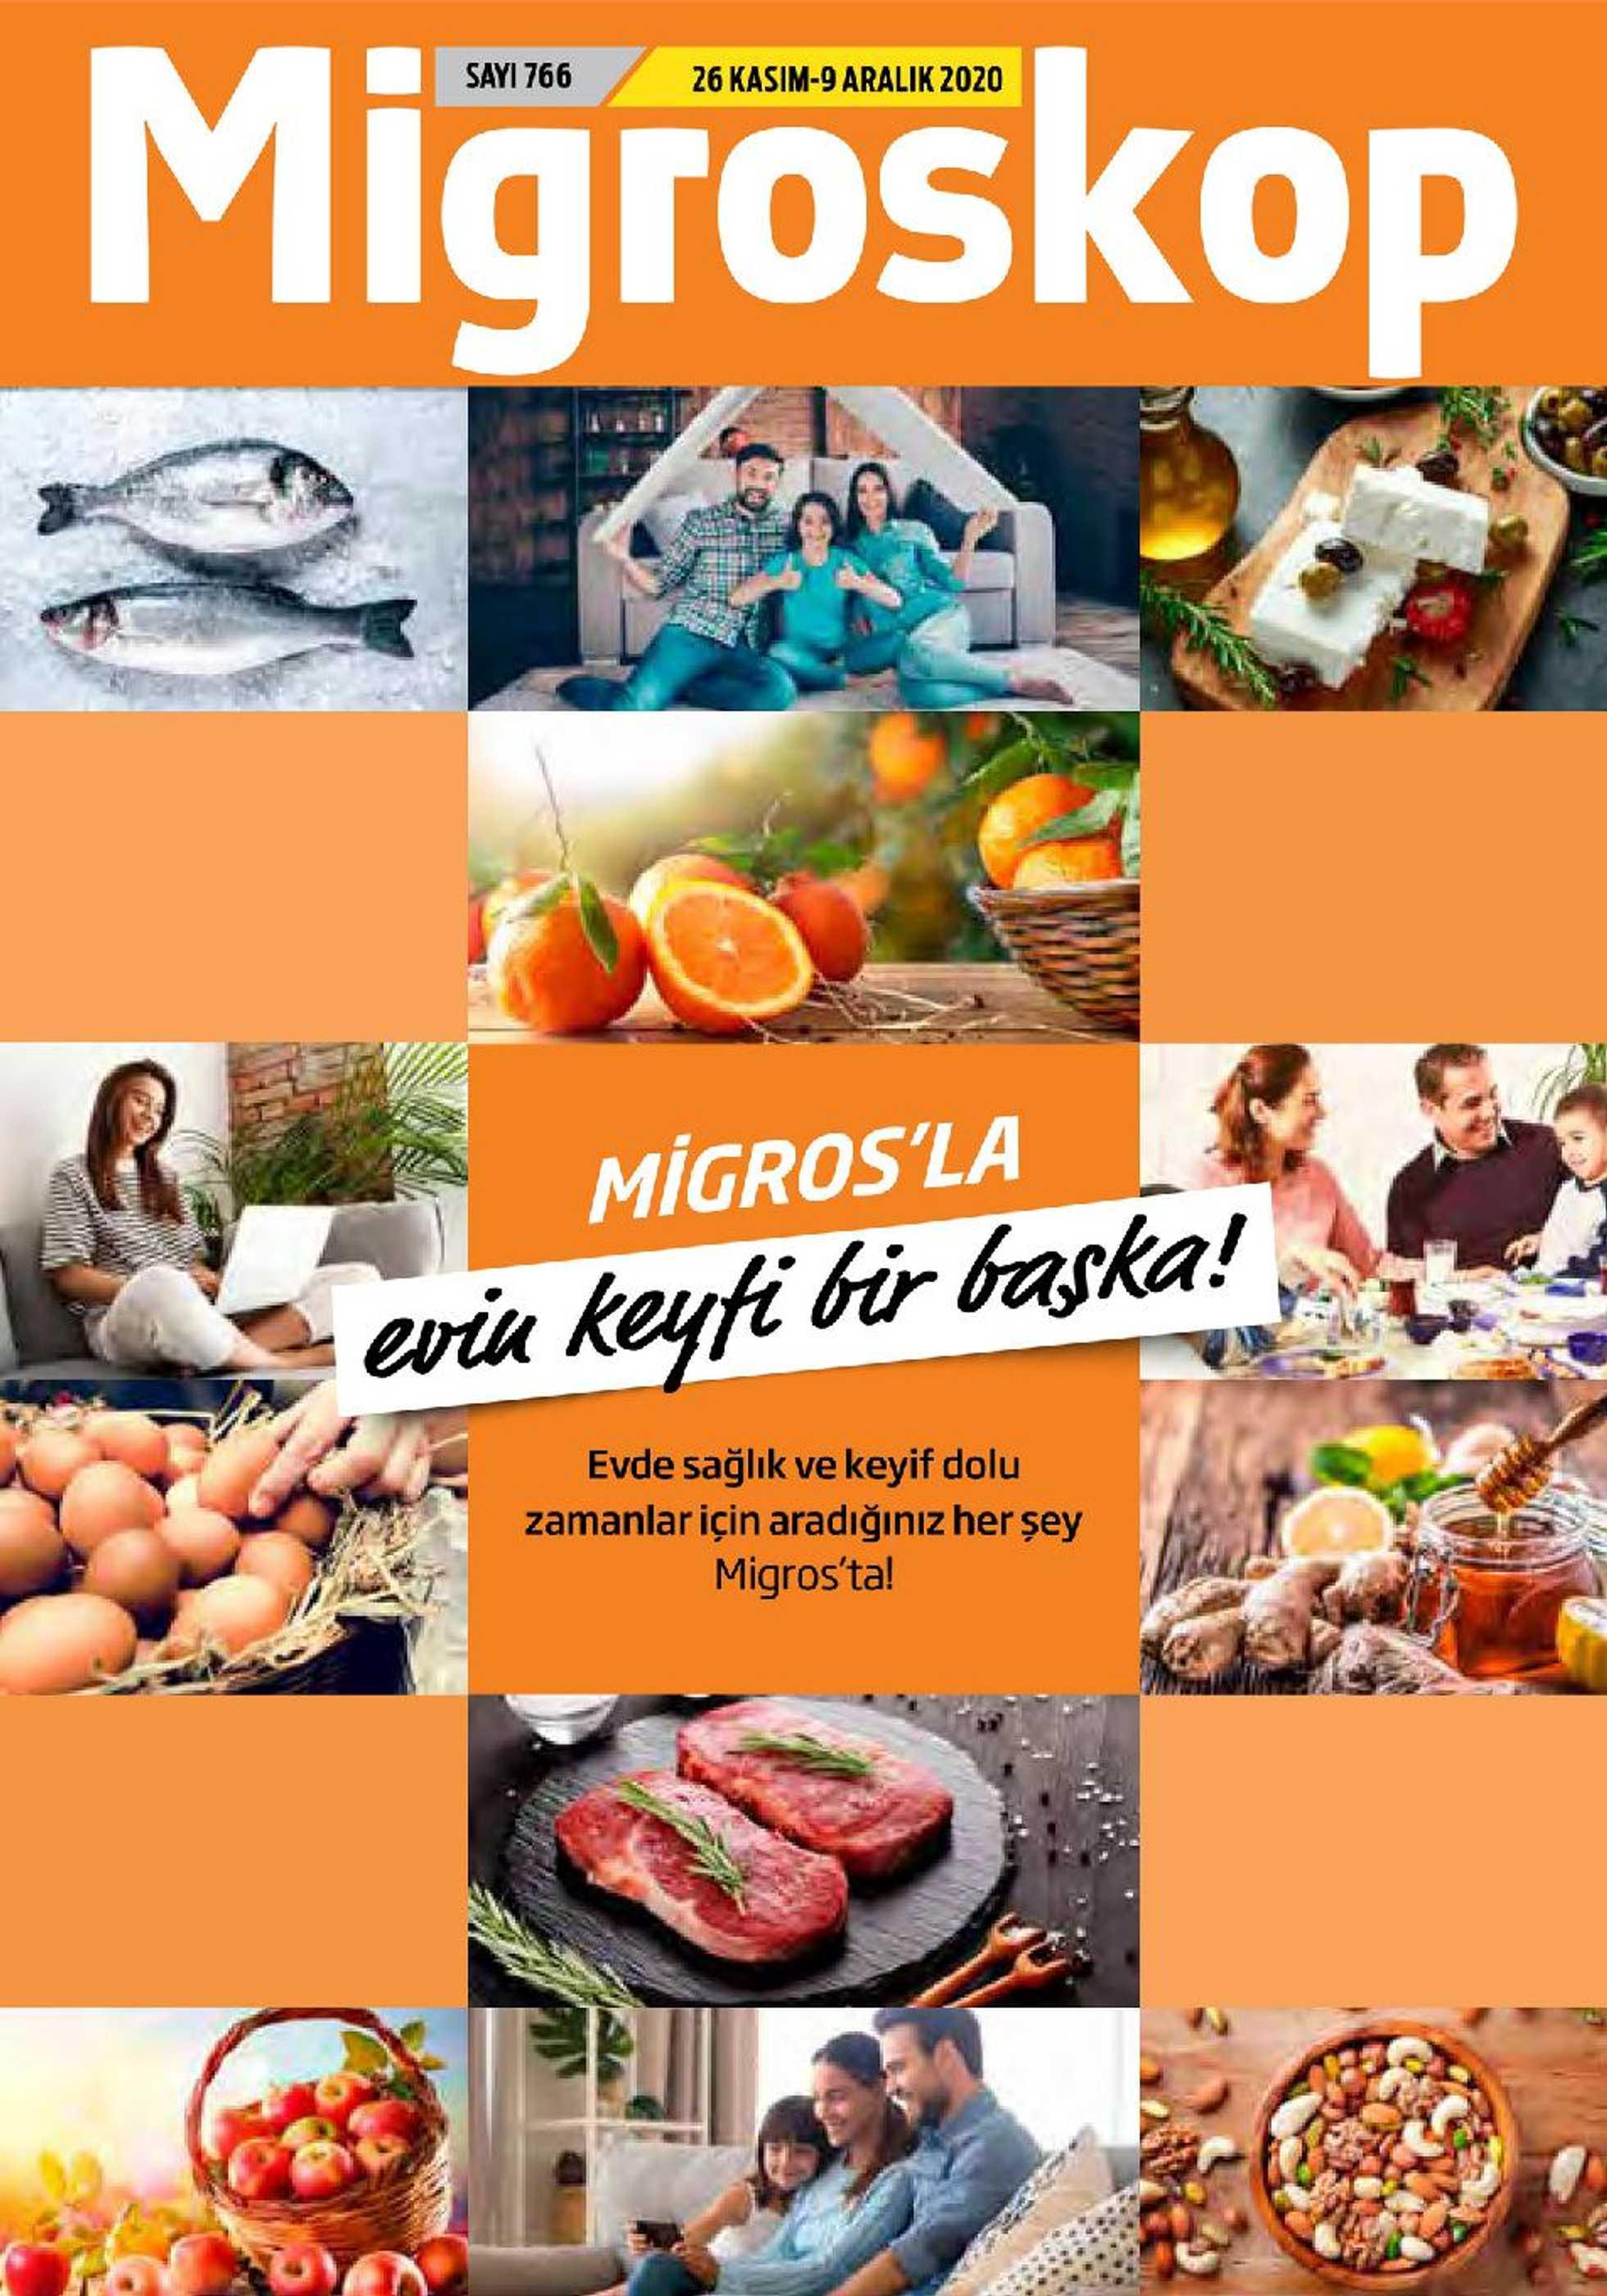 Migros - indirimler 26.11.2020 tarihinden başlayıp 09.12.2020 - tarihine kadar devam ediyor. Sayfa 1.